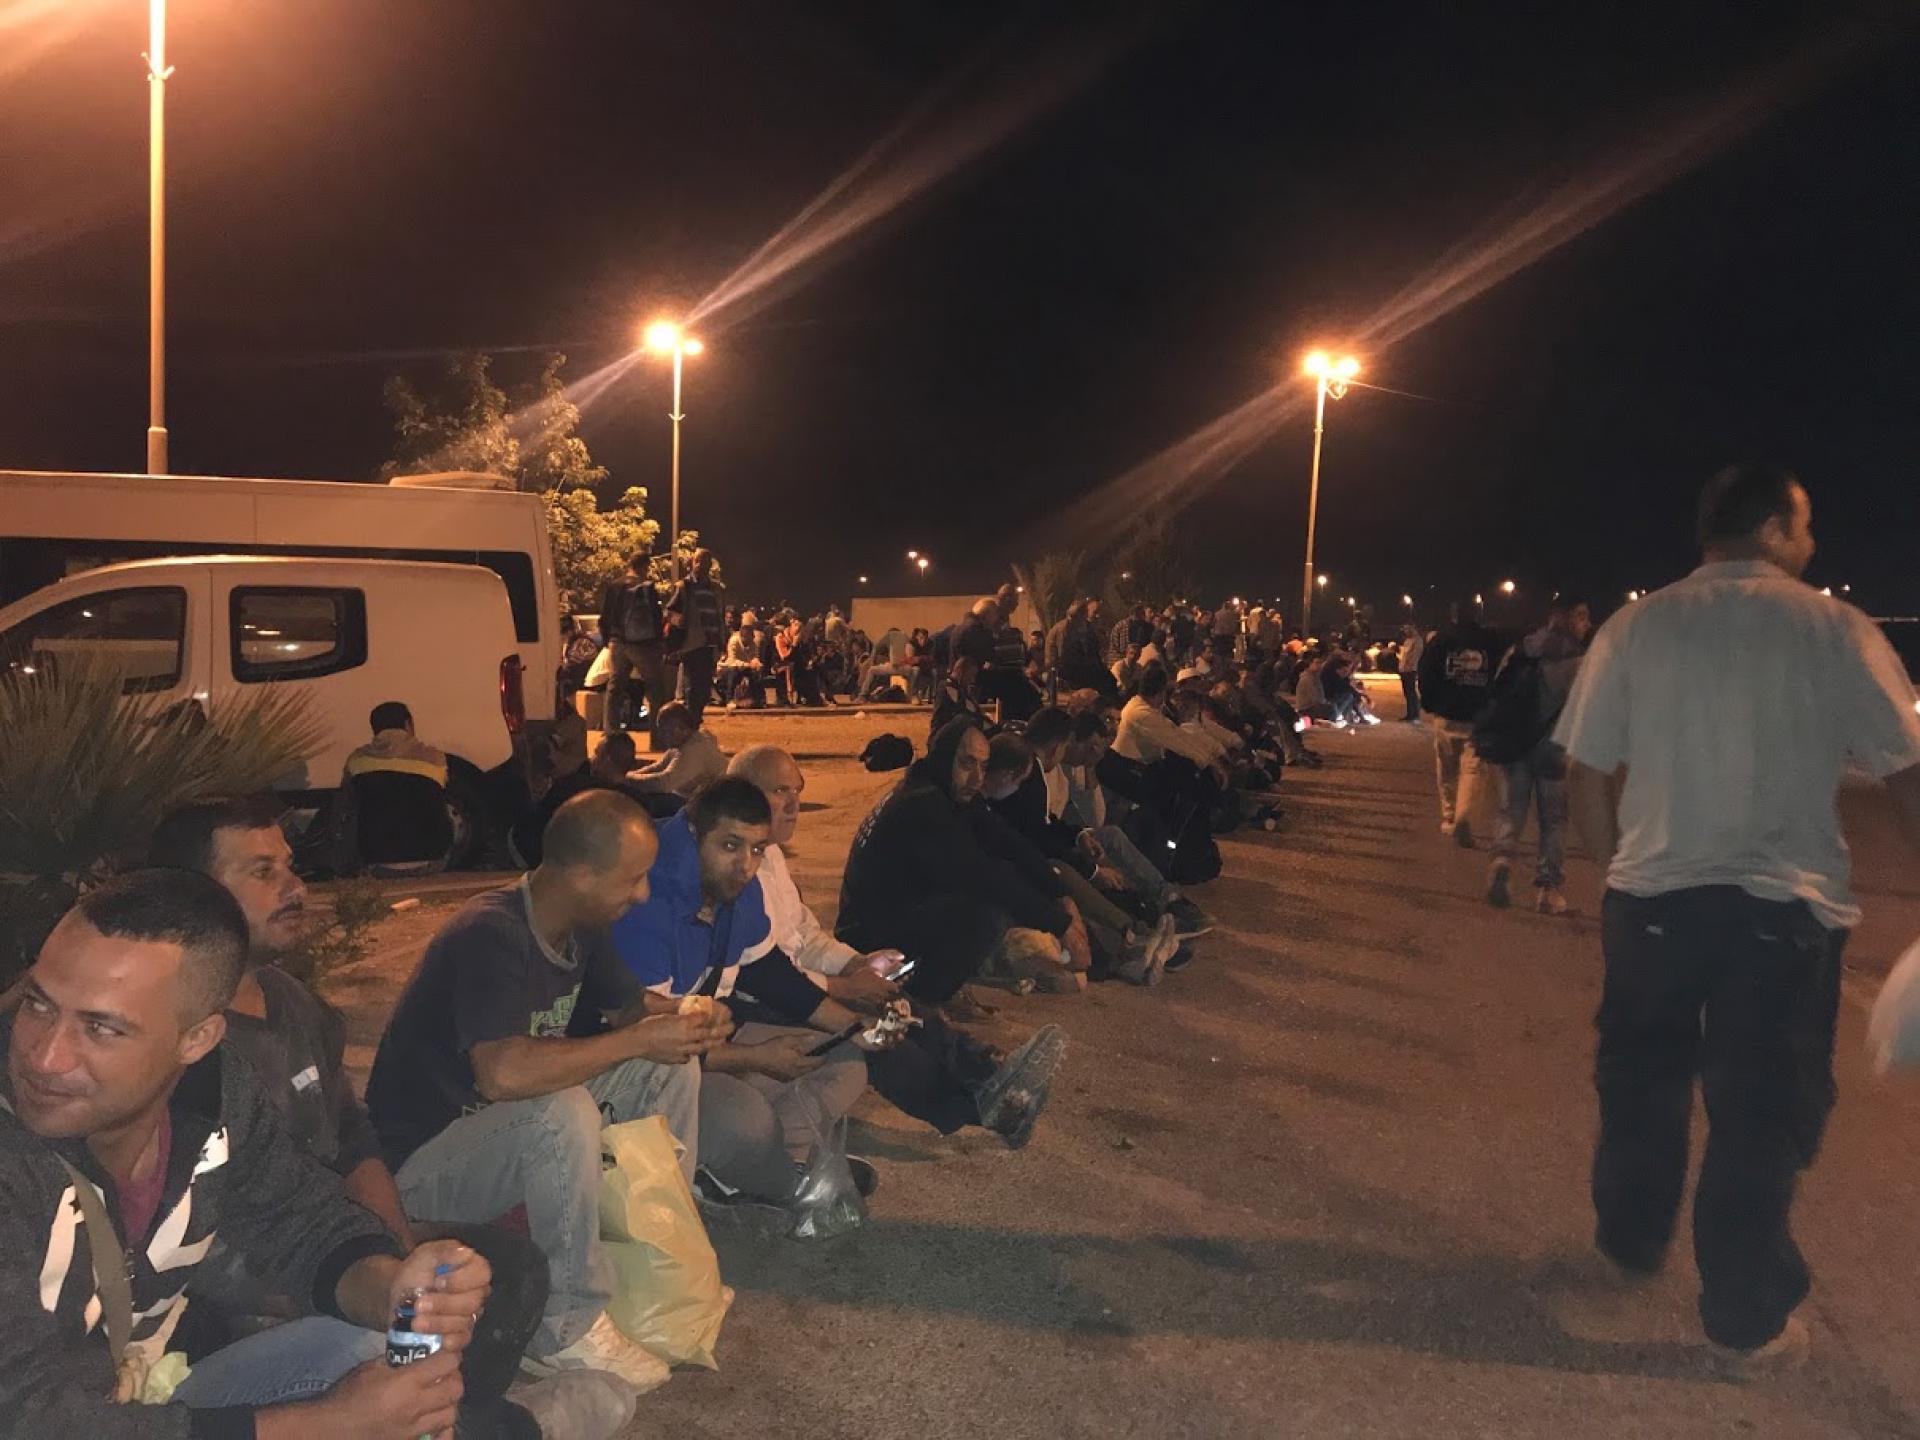 פועלים מחכים להסעה במחסום אייל-קלקיליה